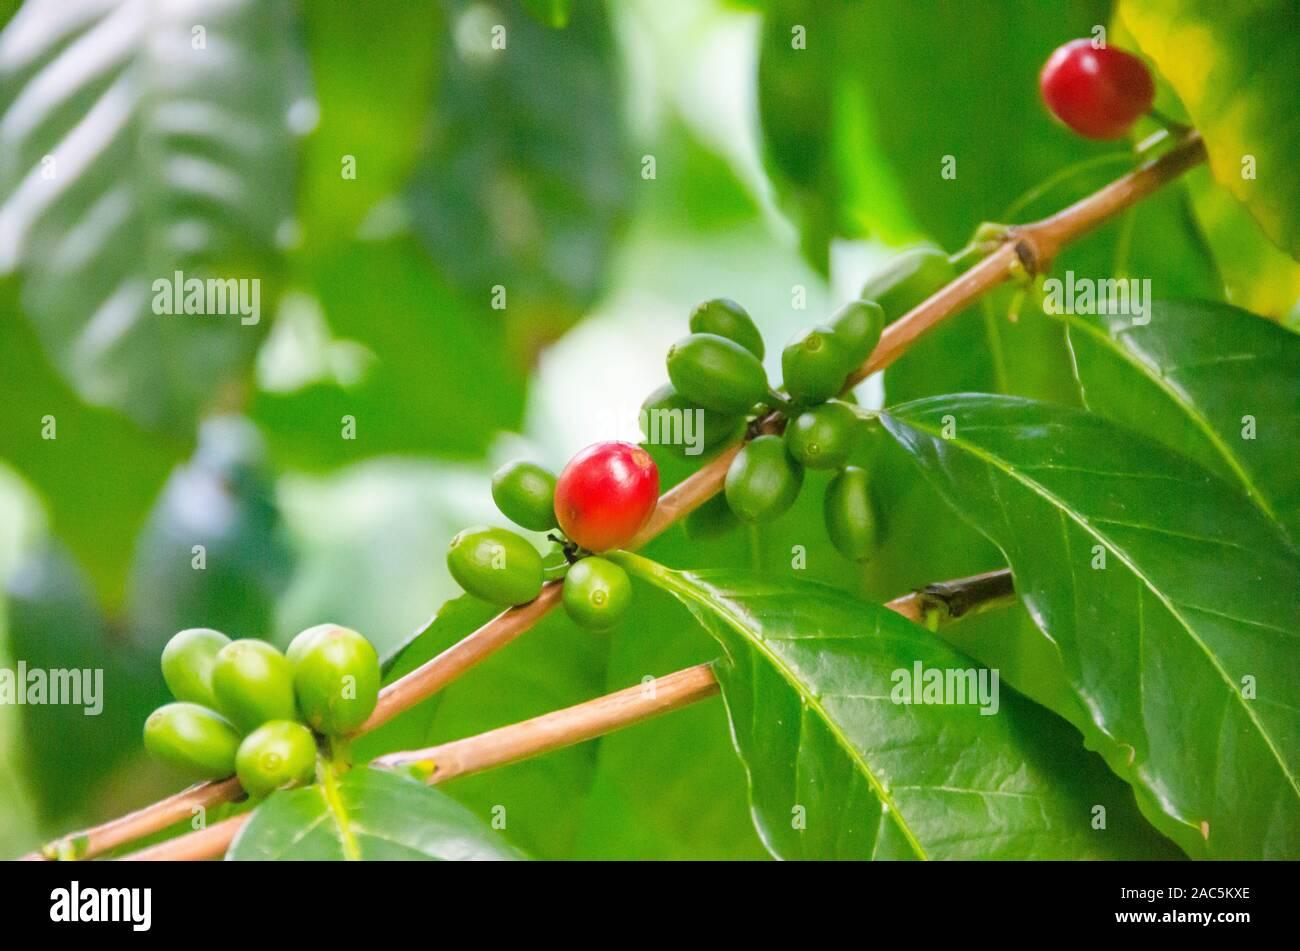 Las cerezas de café verde y rojo a Kaleo Koffee del huerto en Pa'auilo makua en la Isla Grande. Foto de stock